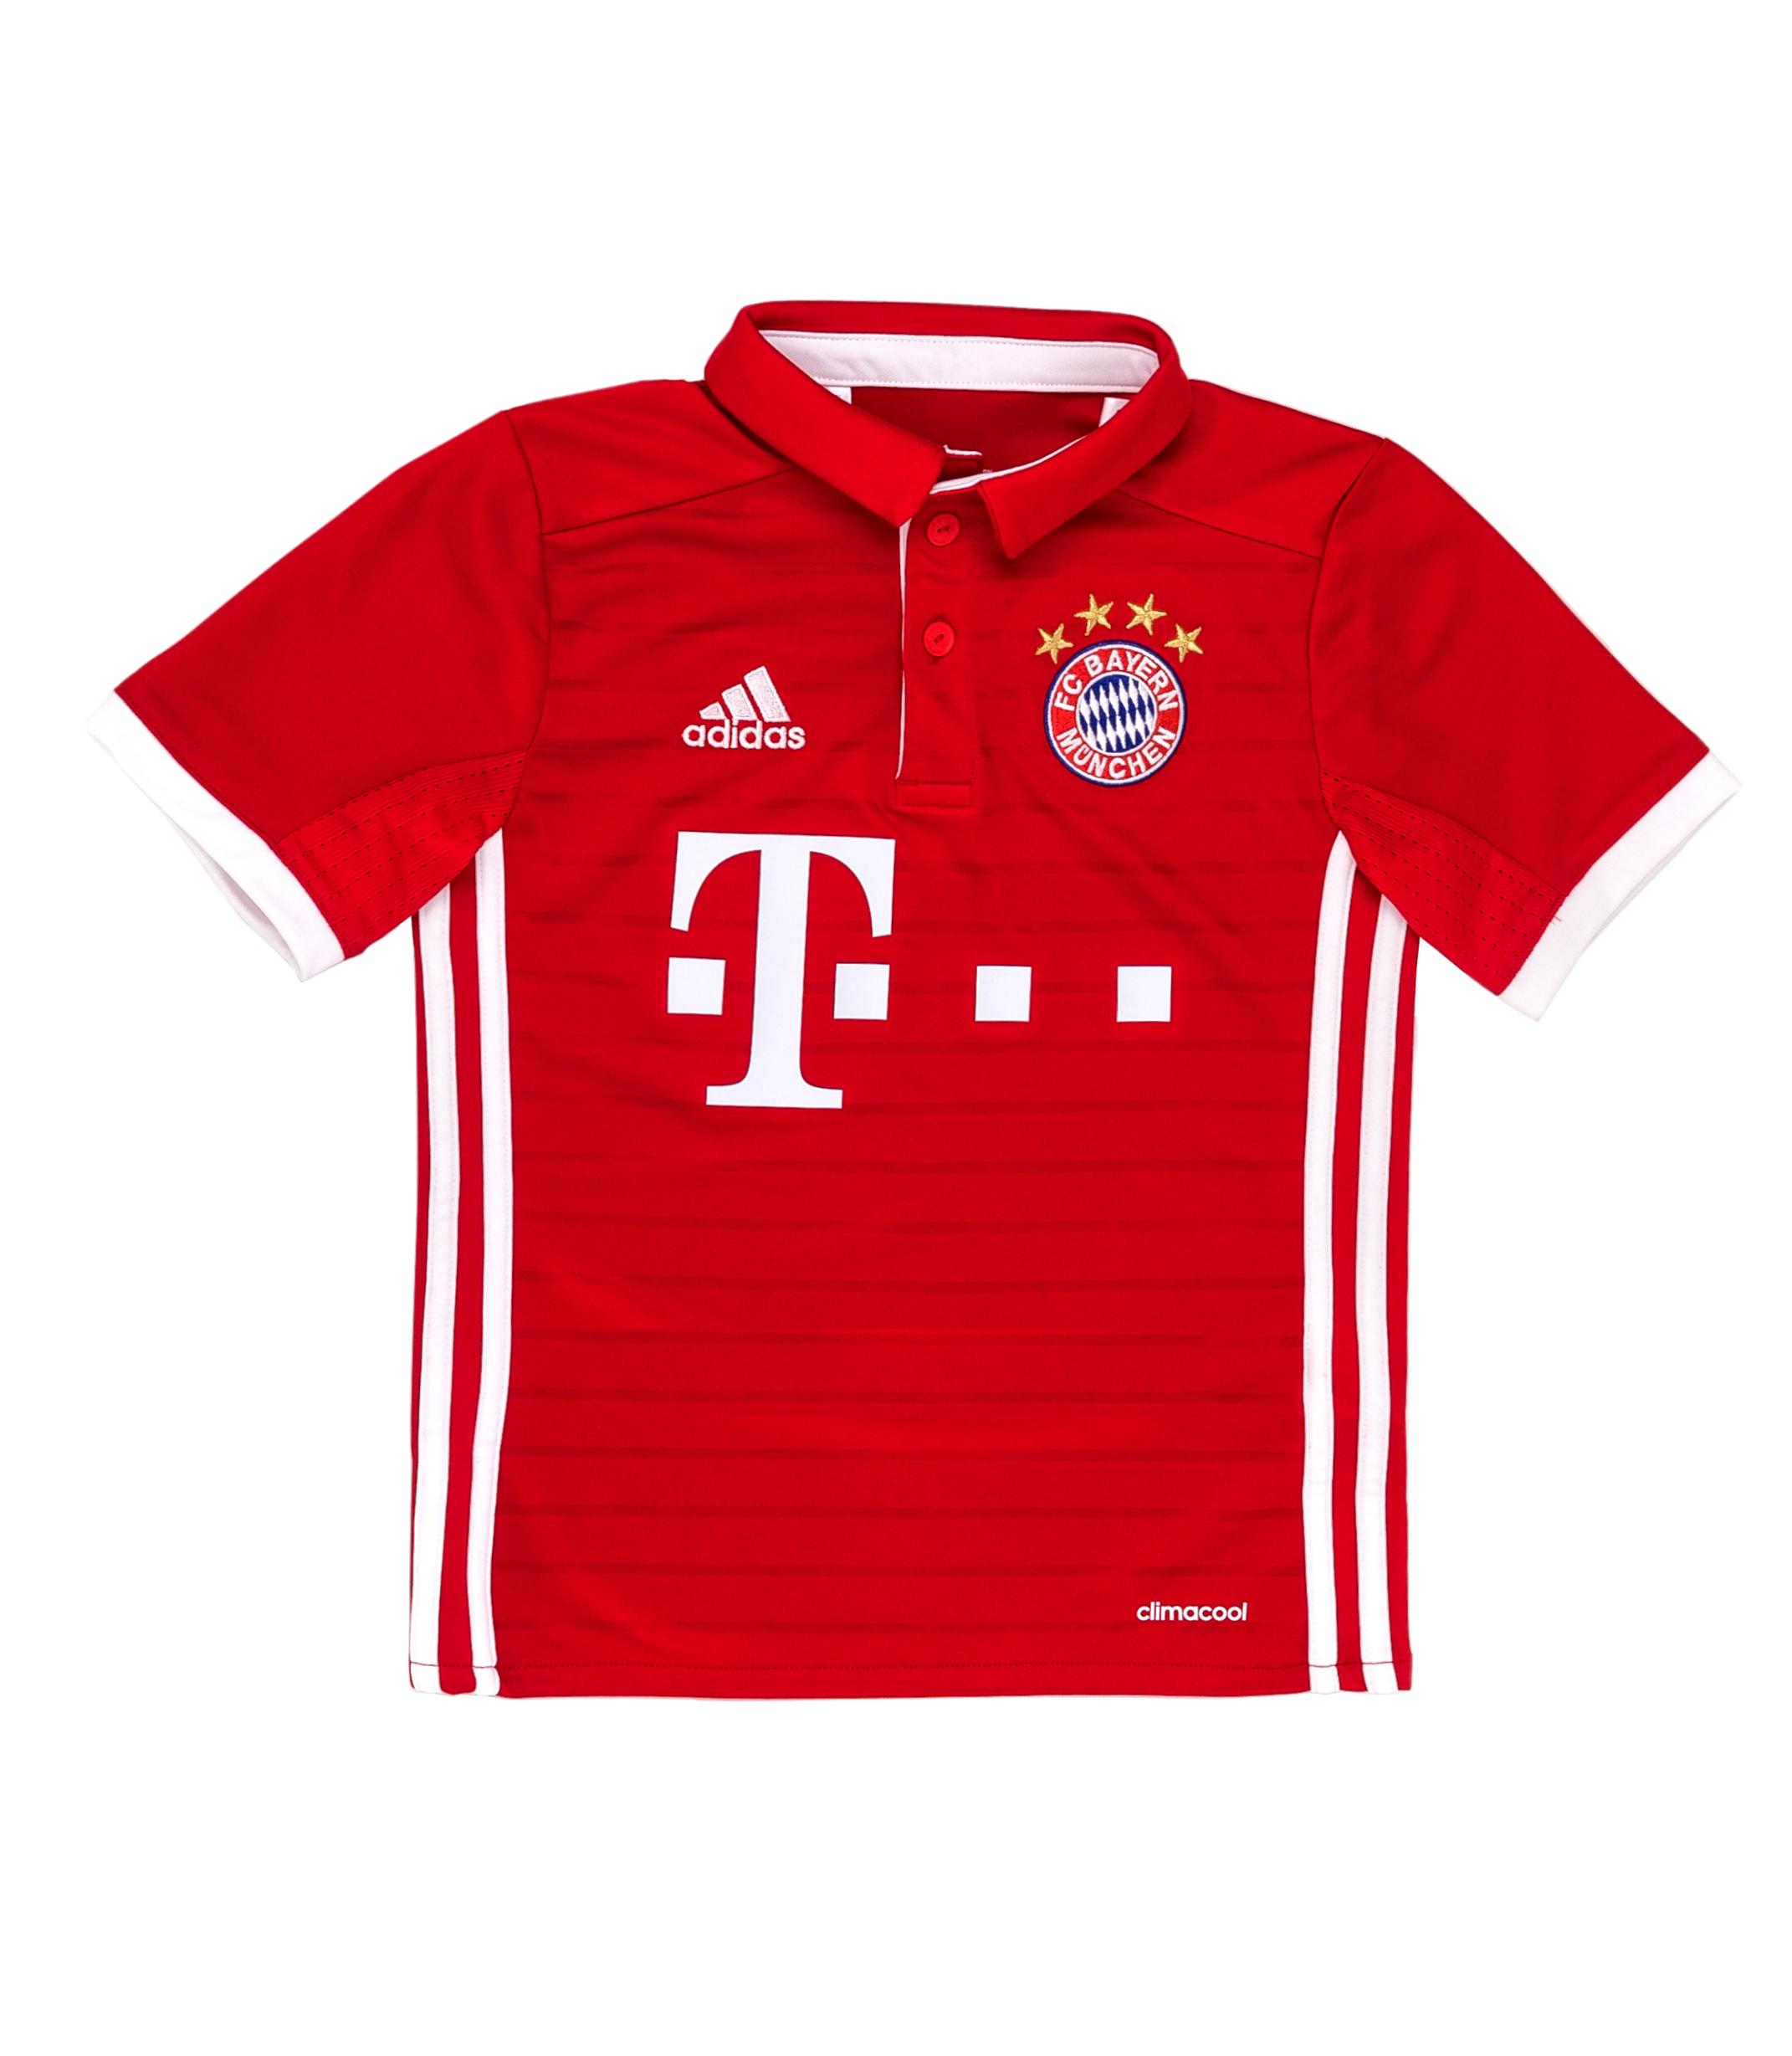 adidas – Παιδική ποδοσφαιρική μπλούζα adidas FCB κόκκινη